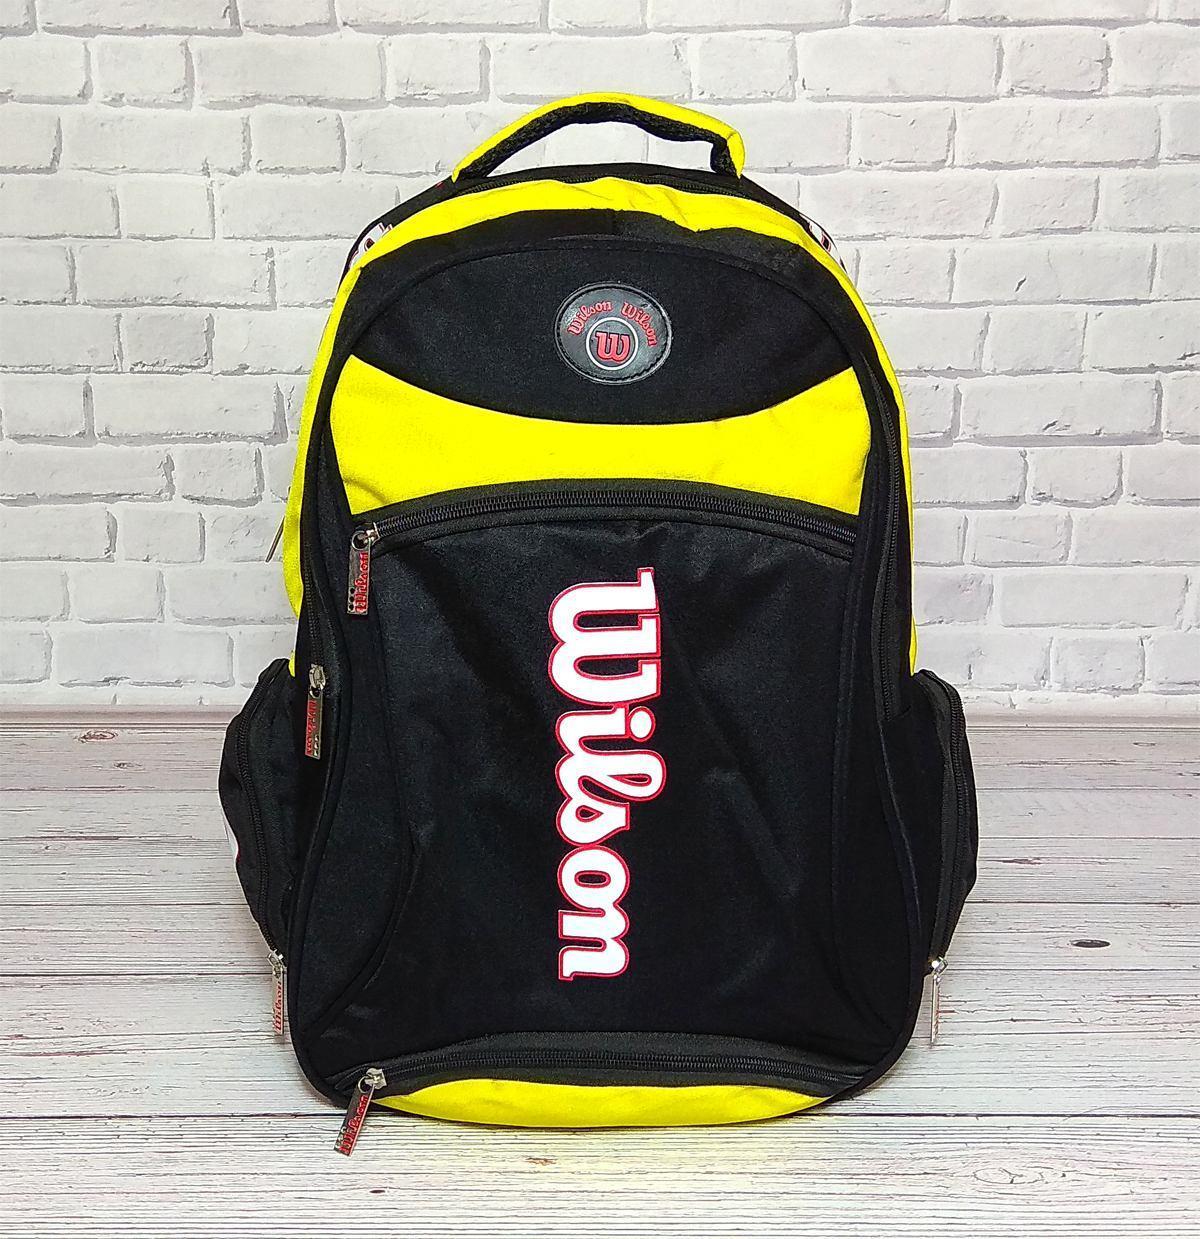 Рюкзак для школы вместительный рюкзак спорта.Wilson Черный с желтым.